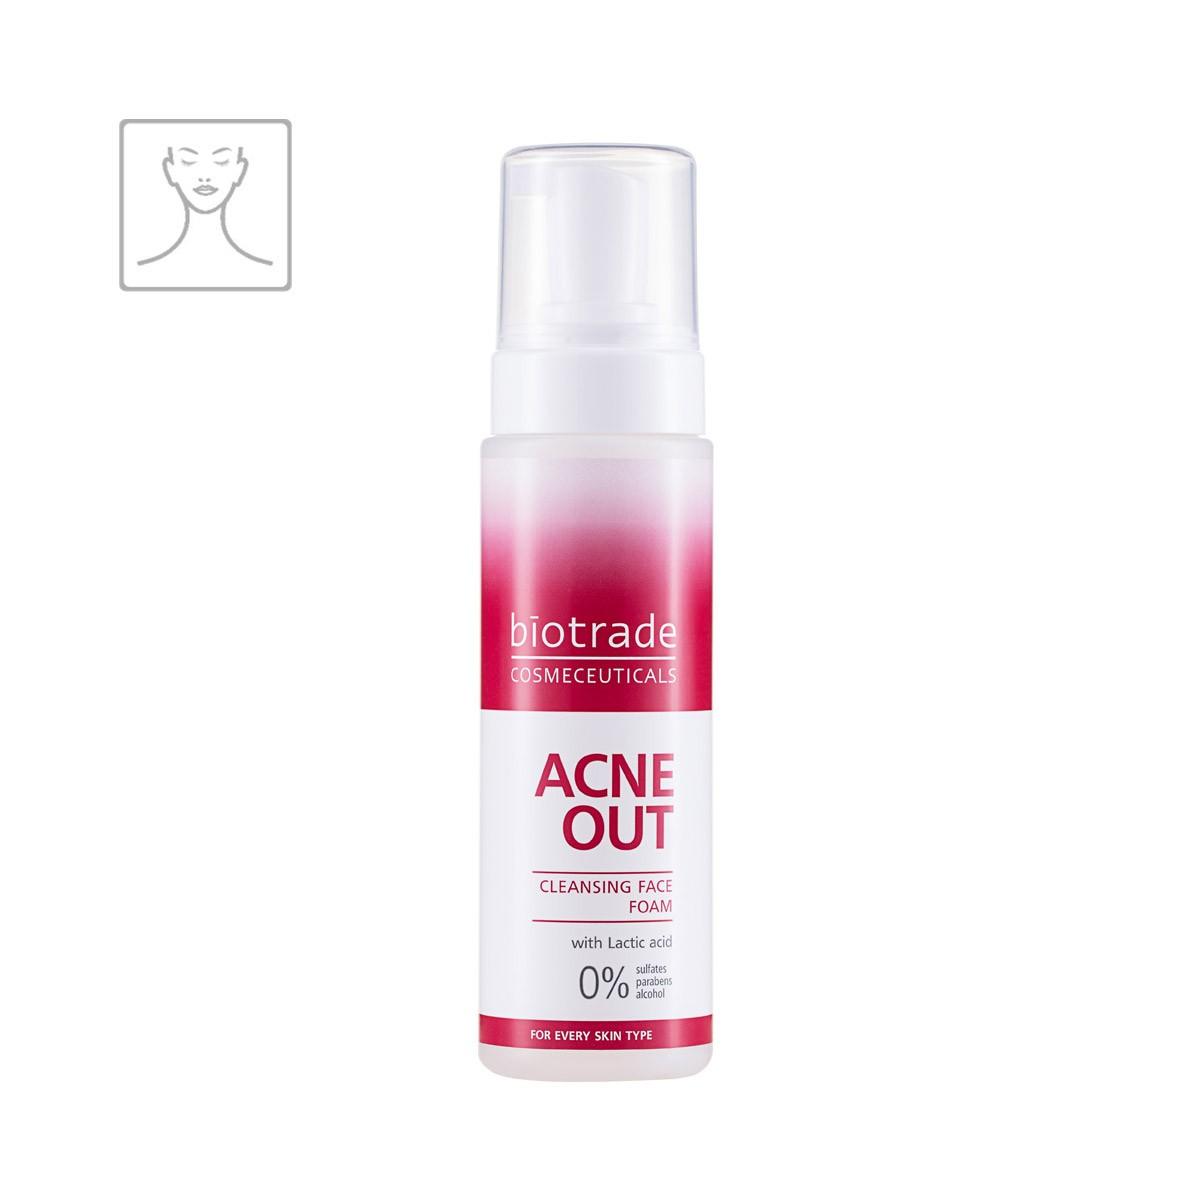 Acne Out Cleansing Face Foam Biotrade čisticí pěna s kyselinou mléčnou na aknózní pleť